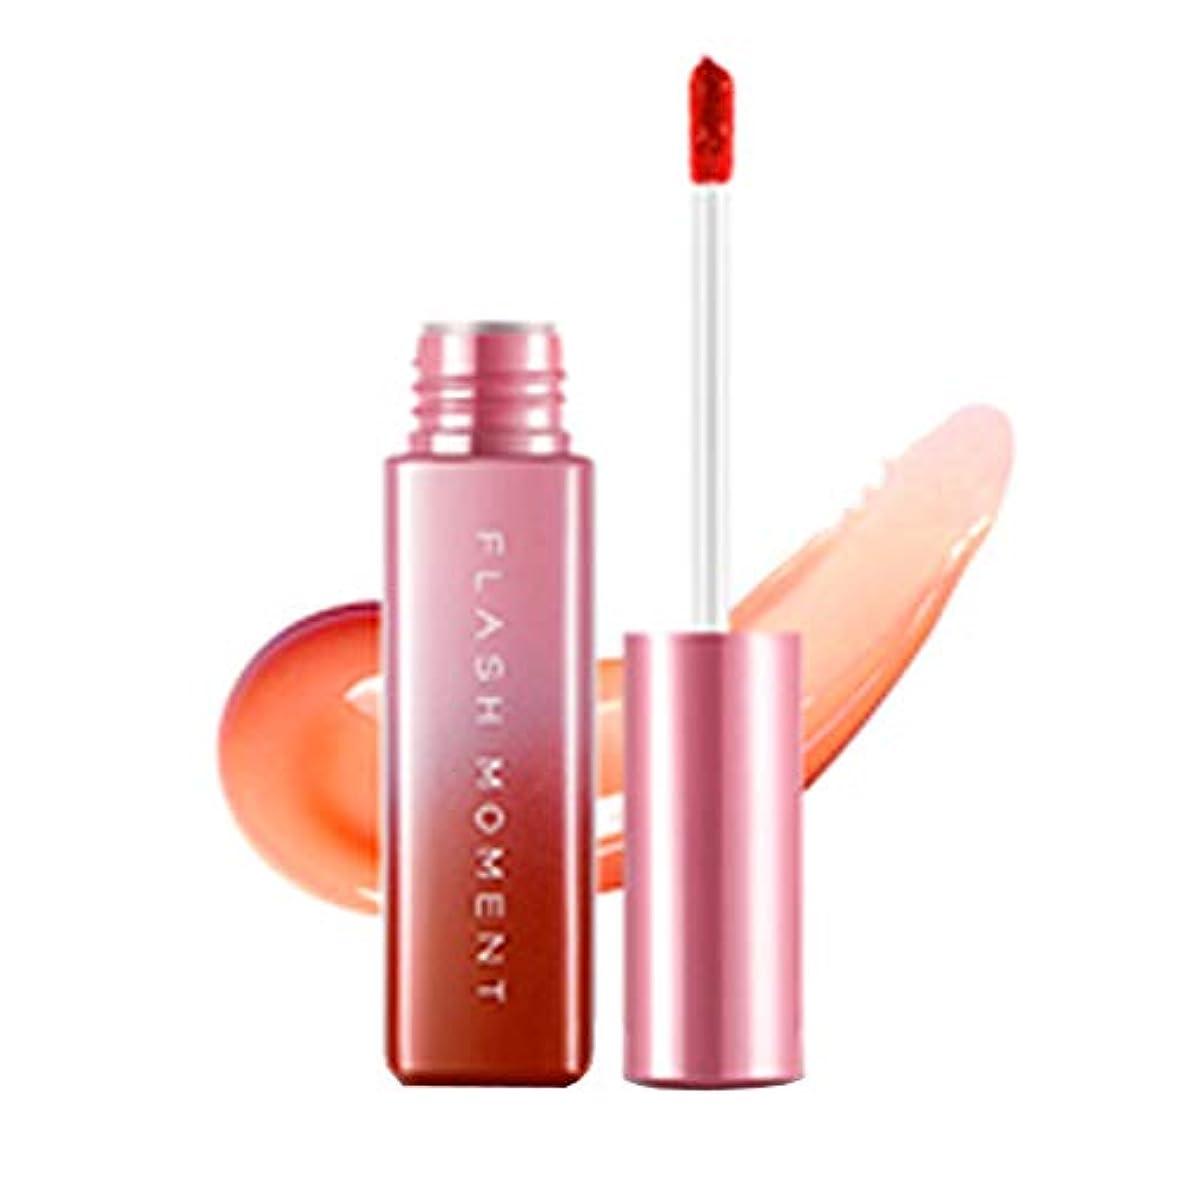 交換約設定ファイアル口紅 リップグレーズ ミラー 3D リップクリーム セクシー 液体 リップスティック リキッド 唇 光沢 長続き リップバーム 24時間防水 唇に塗っっていつもよりセクシー魅力を与えるルージュhuajuan (A)